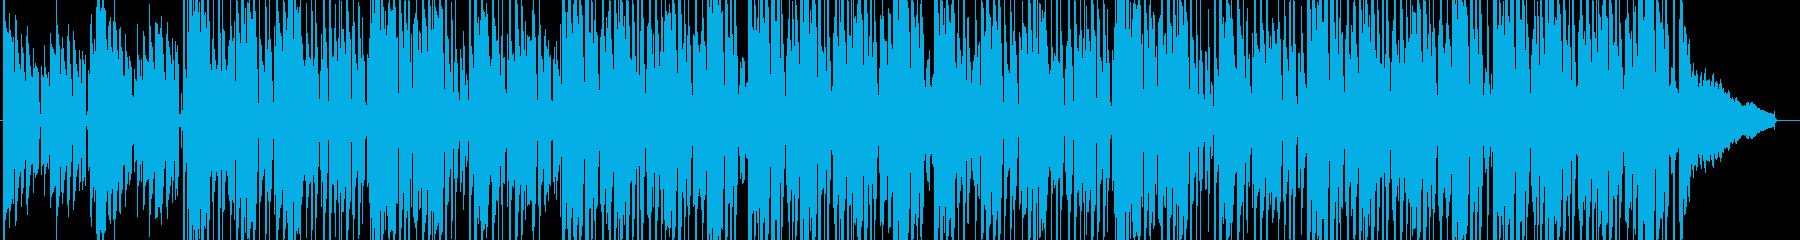 スパイ映画音楽の再生済みの波形